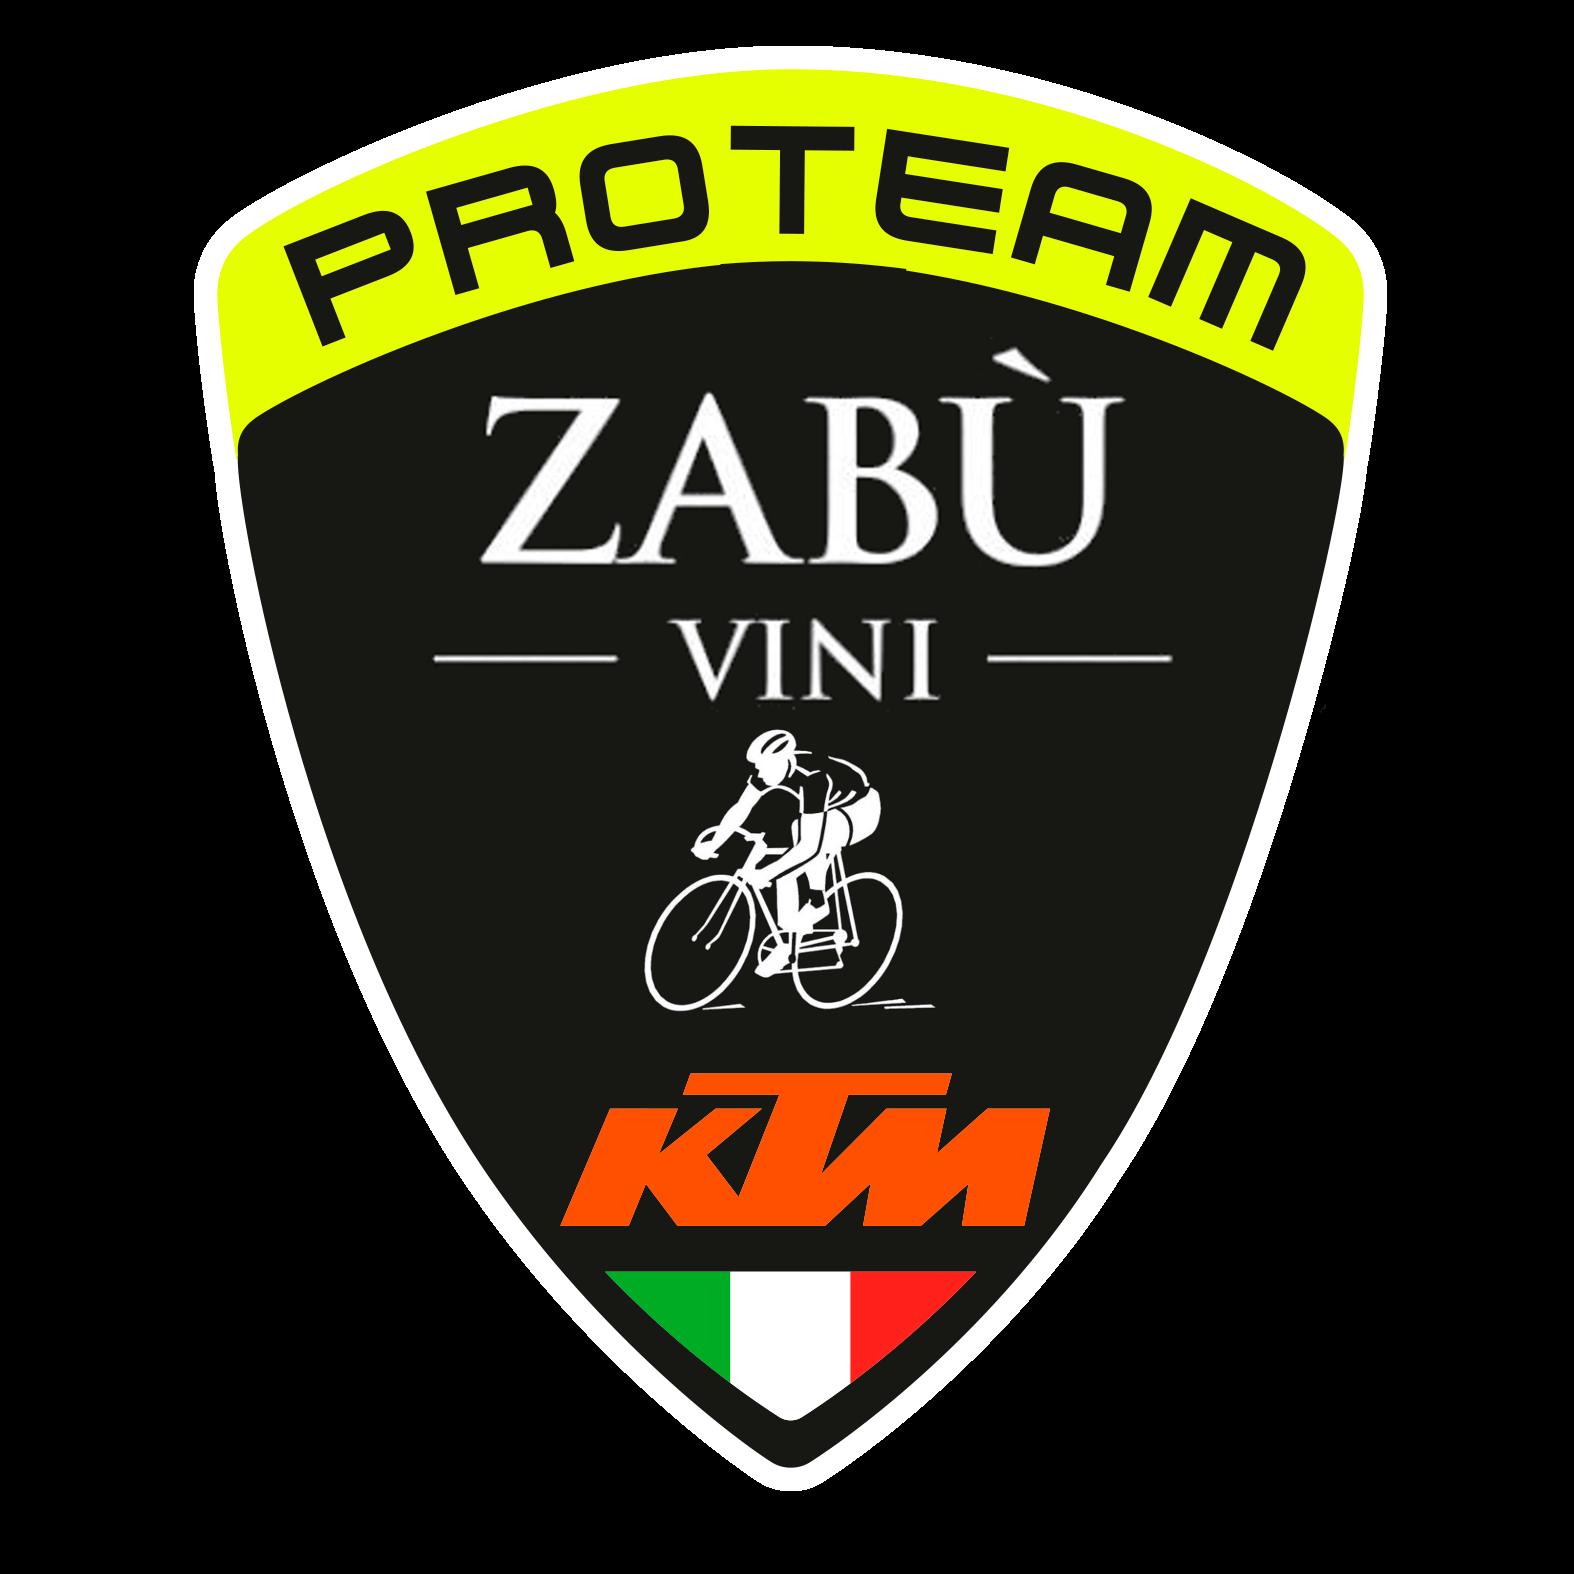 Vini Zabu Brado KTM